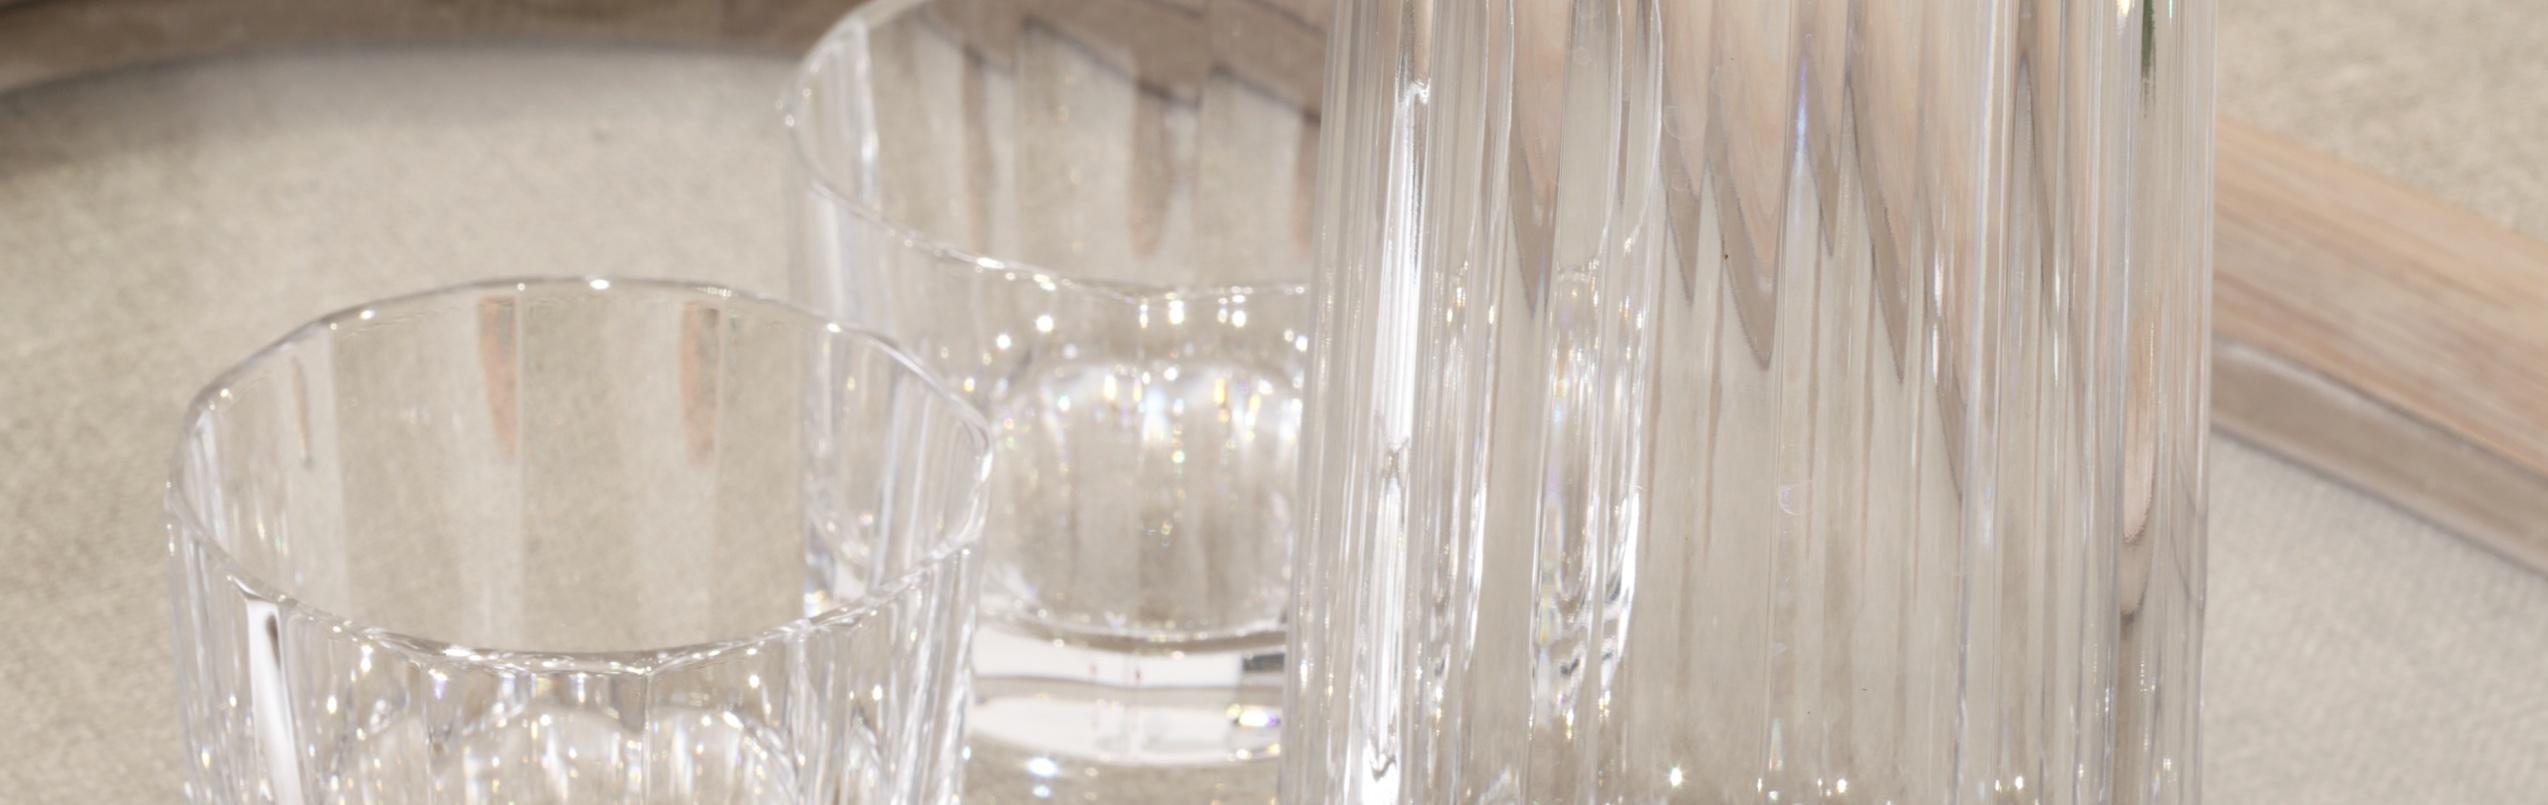 RU Glass & Ceramics